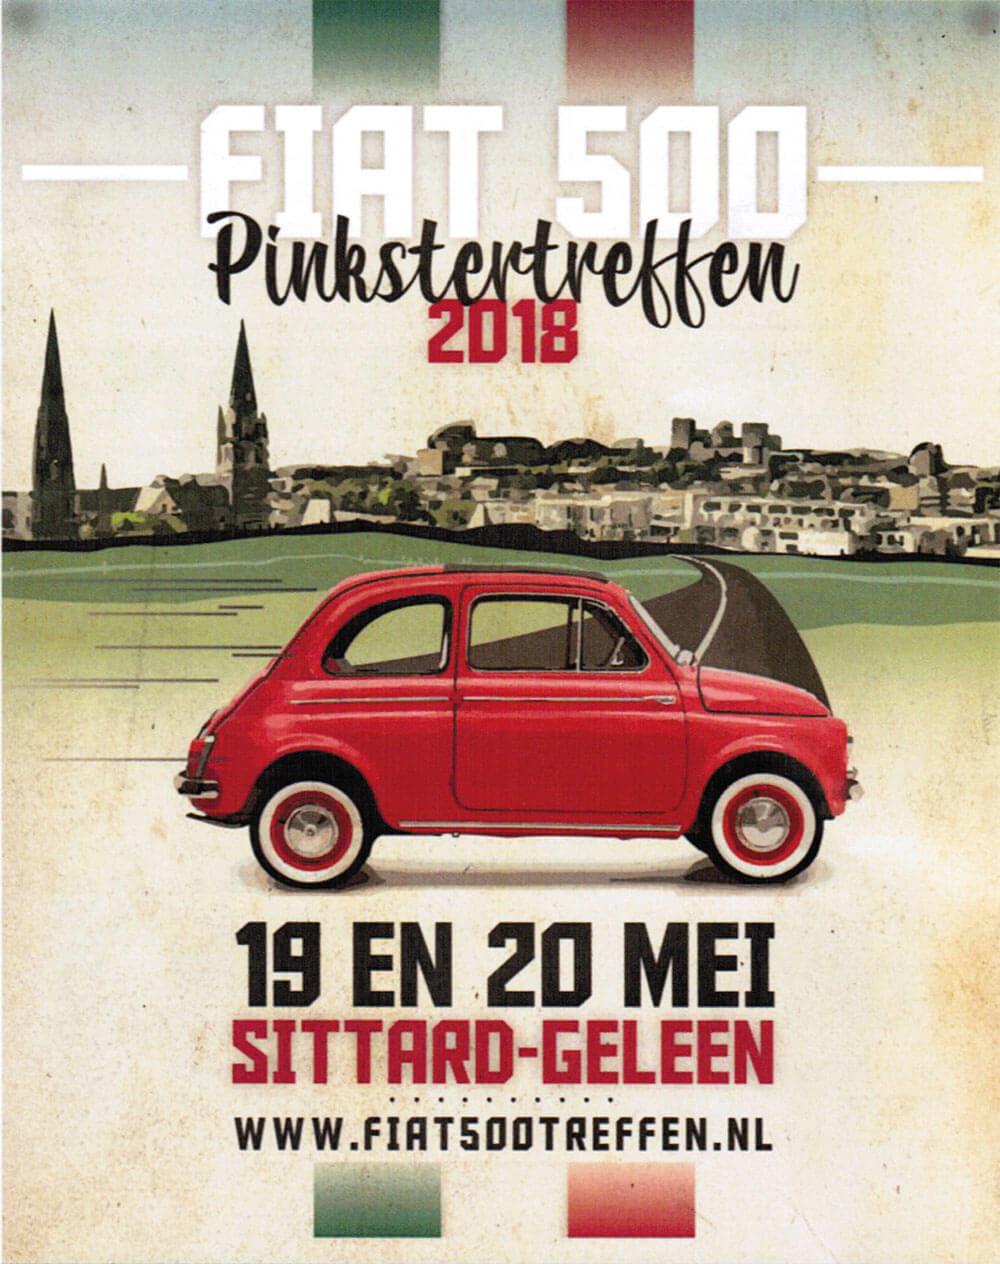 Das Fiat 500 Treffen in Holland: Sittard-Geleen Pfingsten 2018